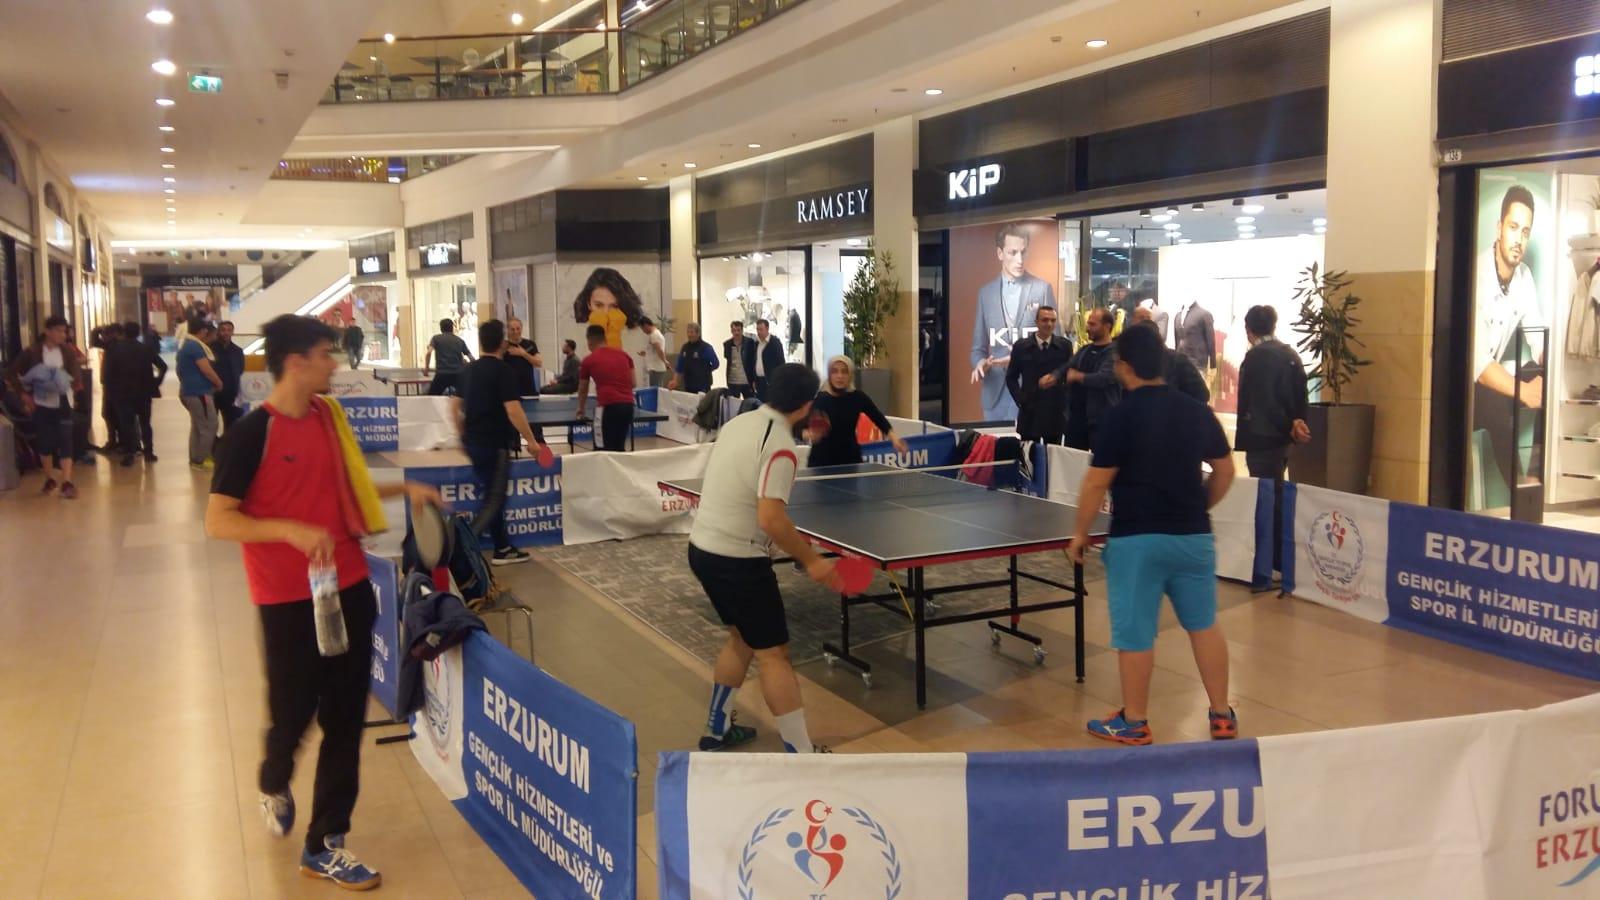 Forum Erzurum Masa Tenisi Turnuvası'nın kazananları belli oldu